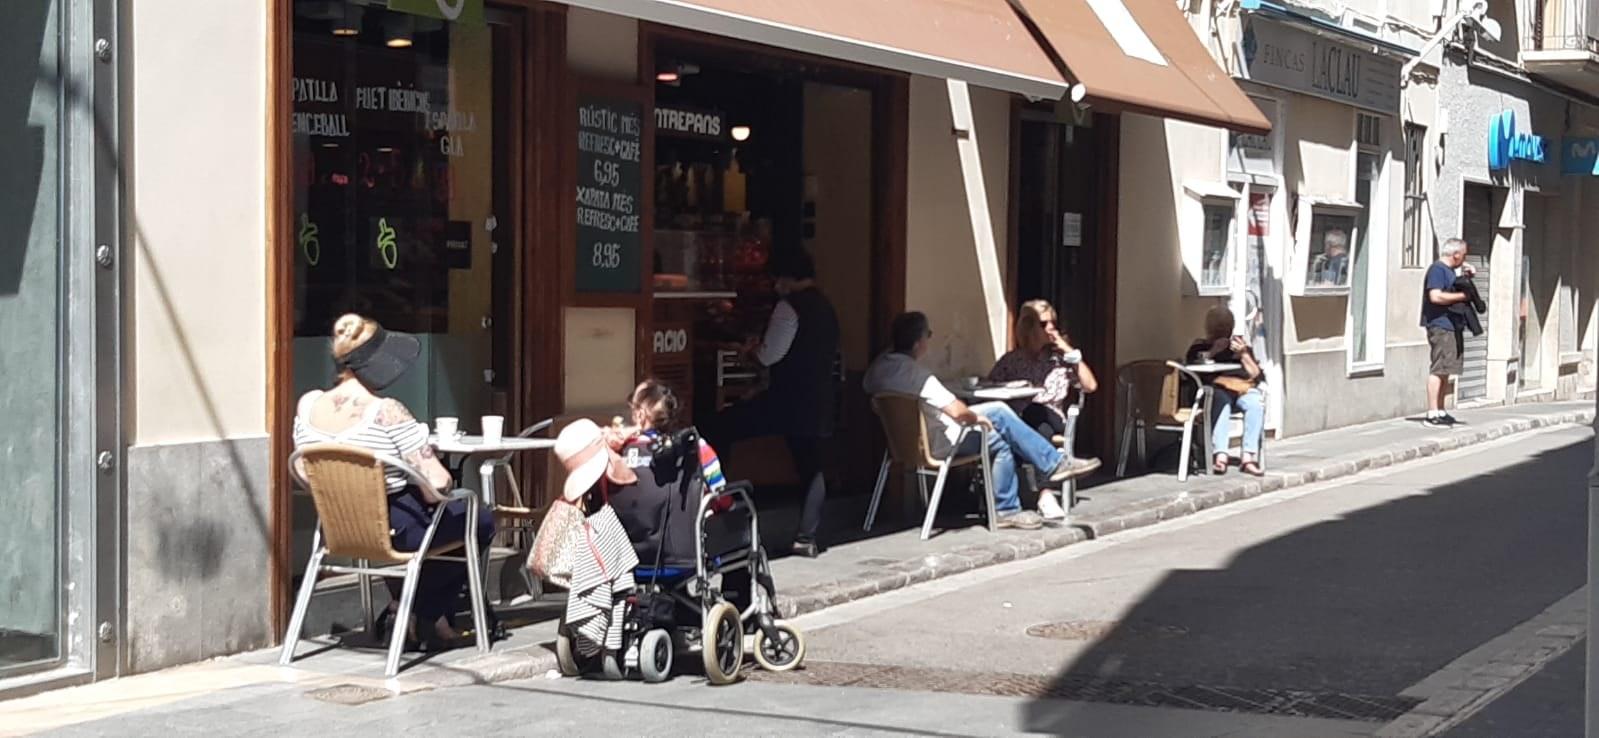 L'alcaldessa de Sitges signa un decret per donar les màximes facilitats a les terrasses